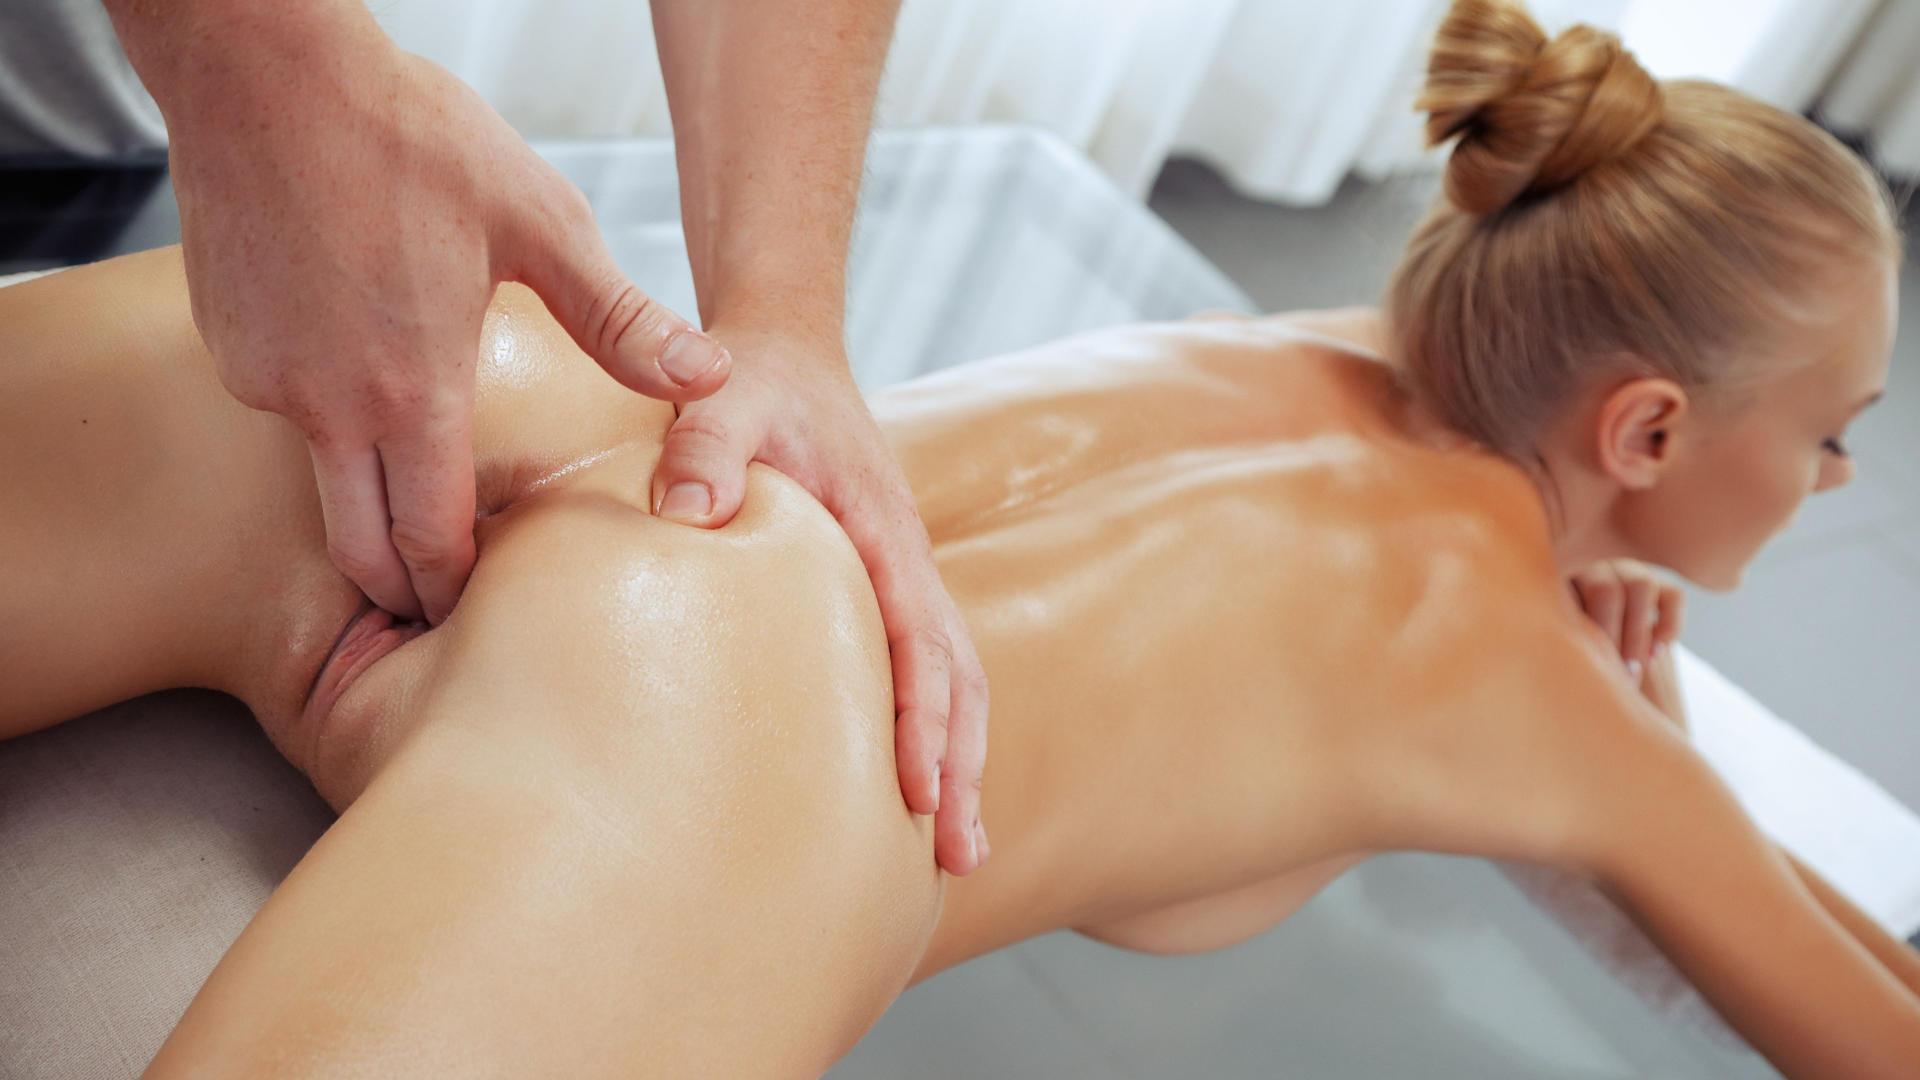 Порно видео с массажем, делает массаж парню